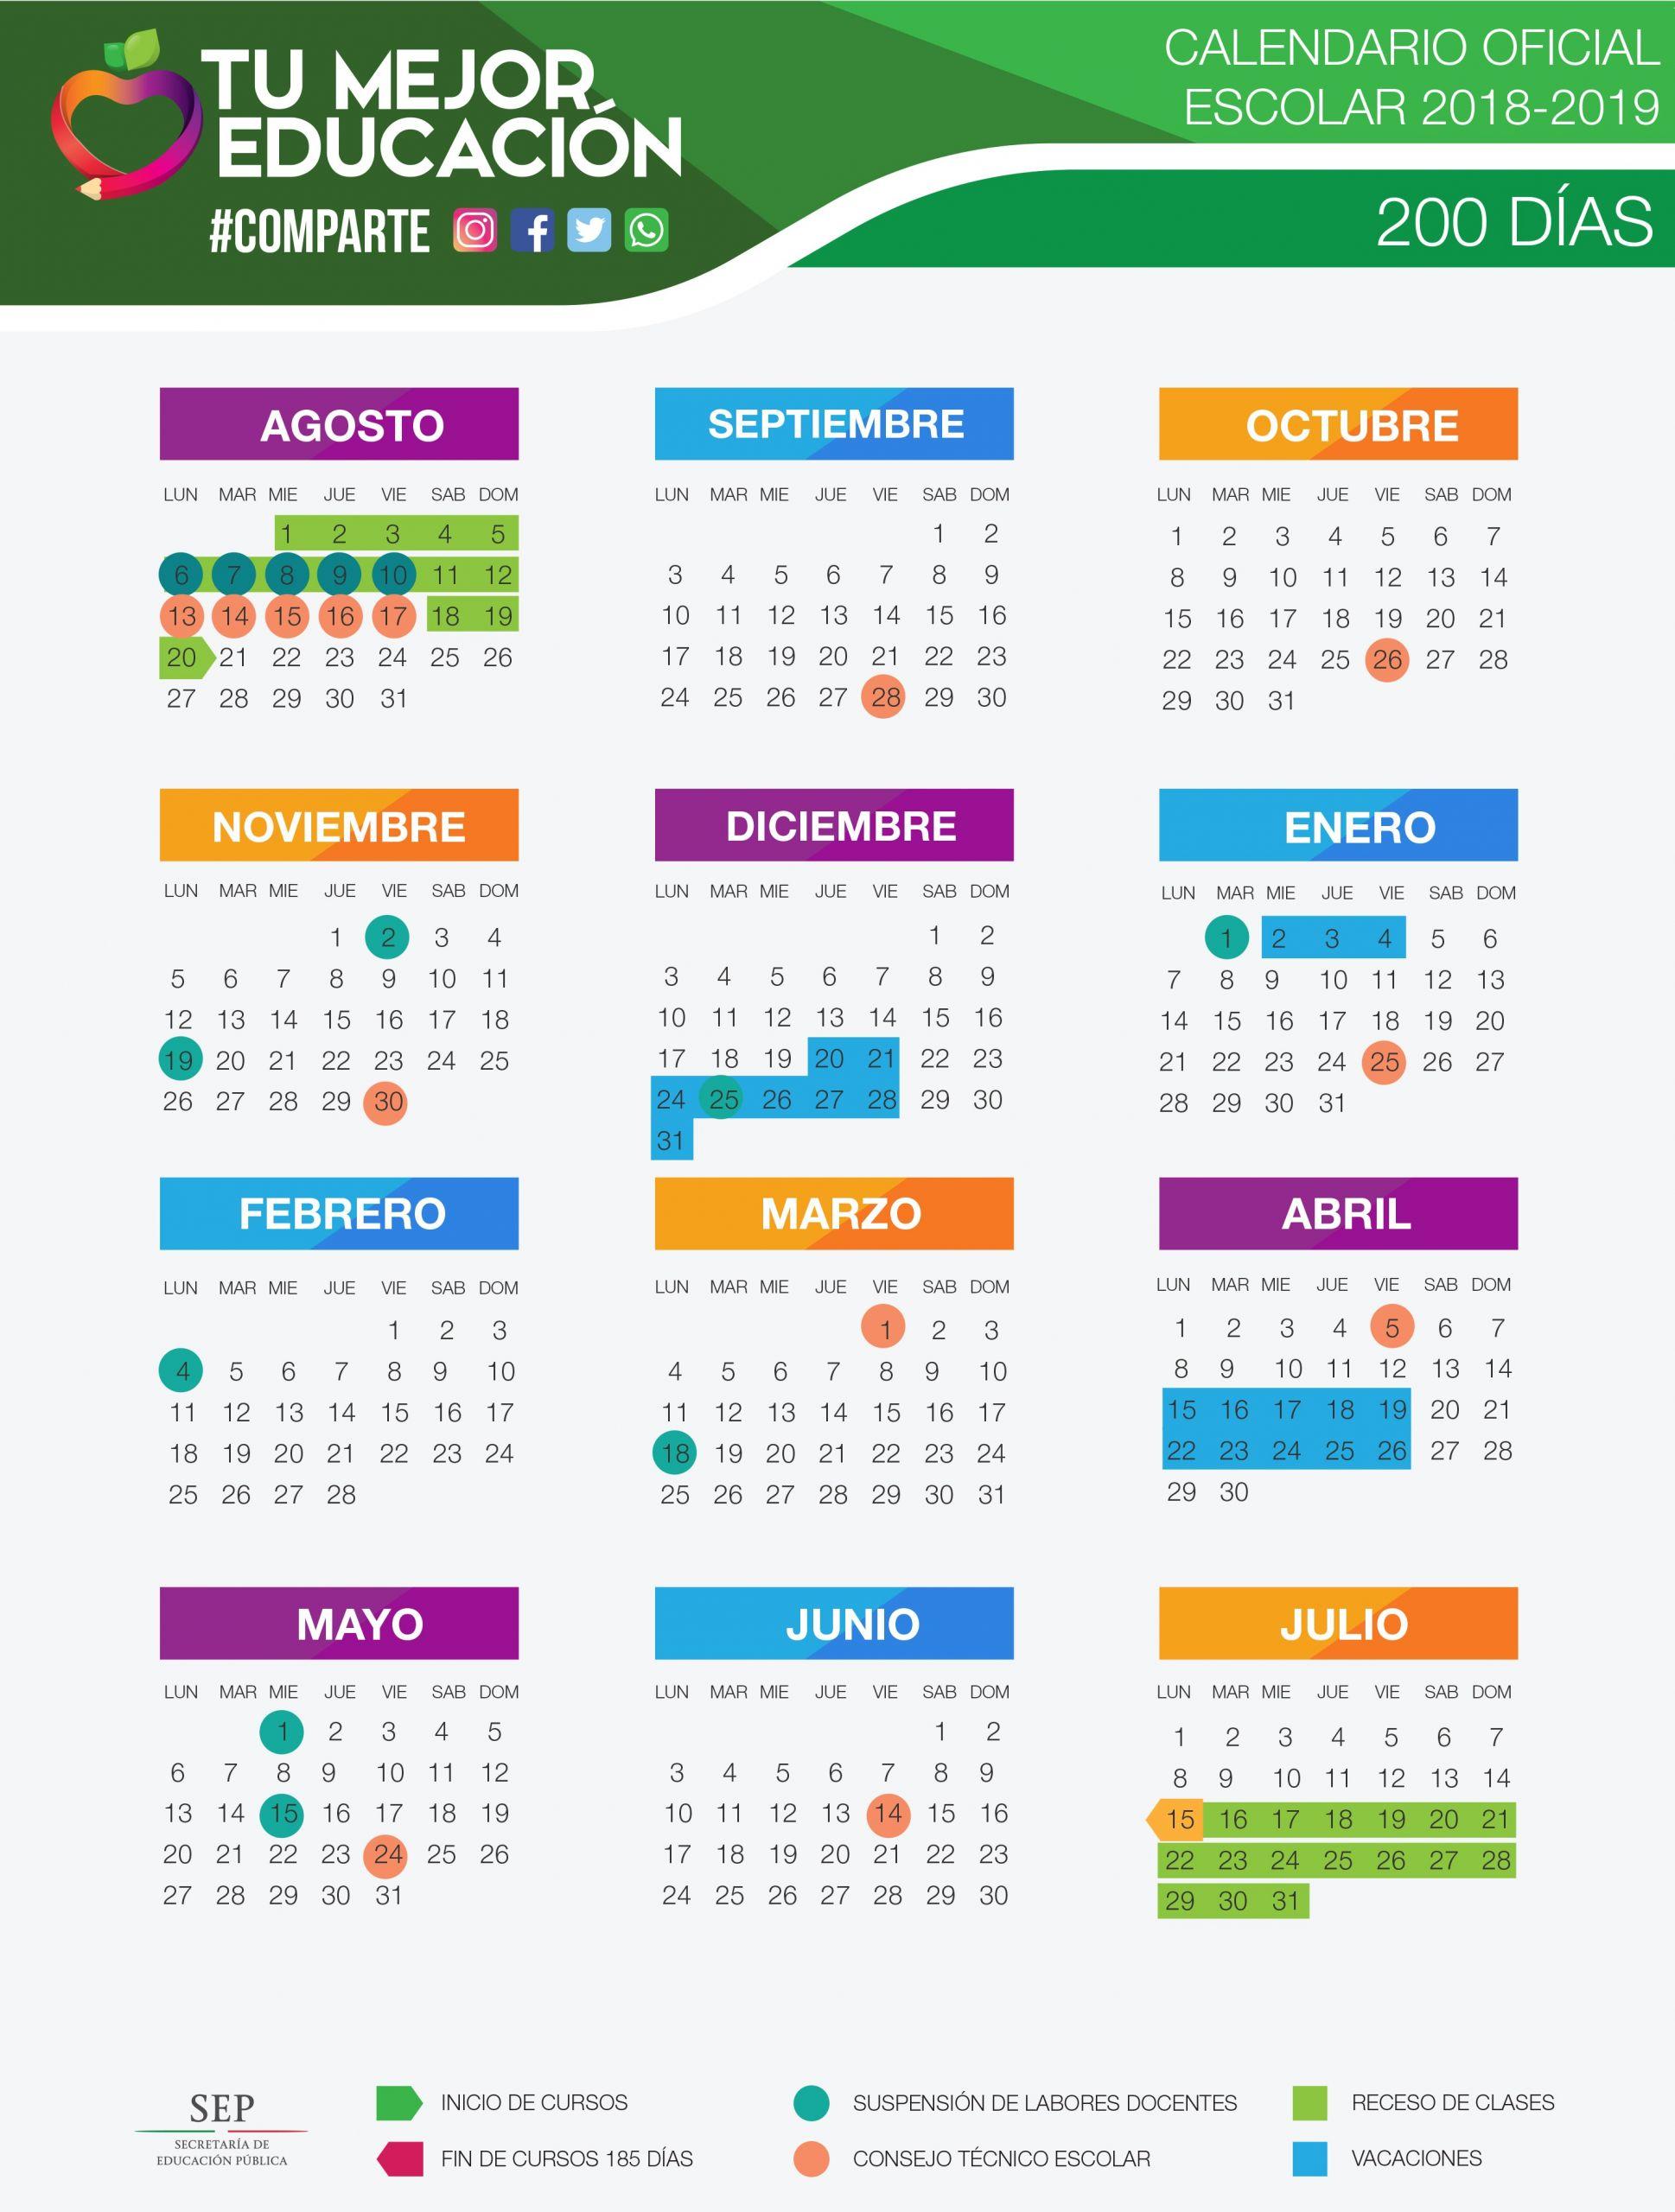 calendario oficial sep 2018 2019 tres versiones